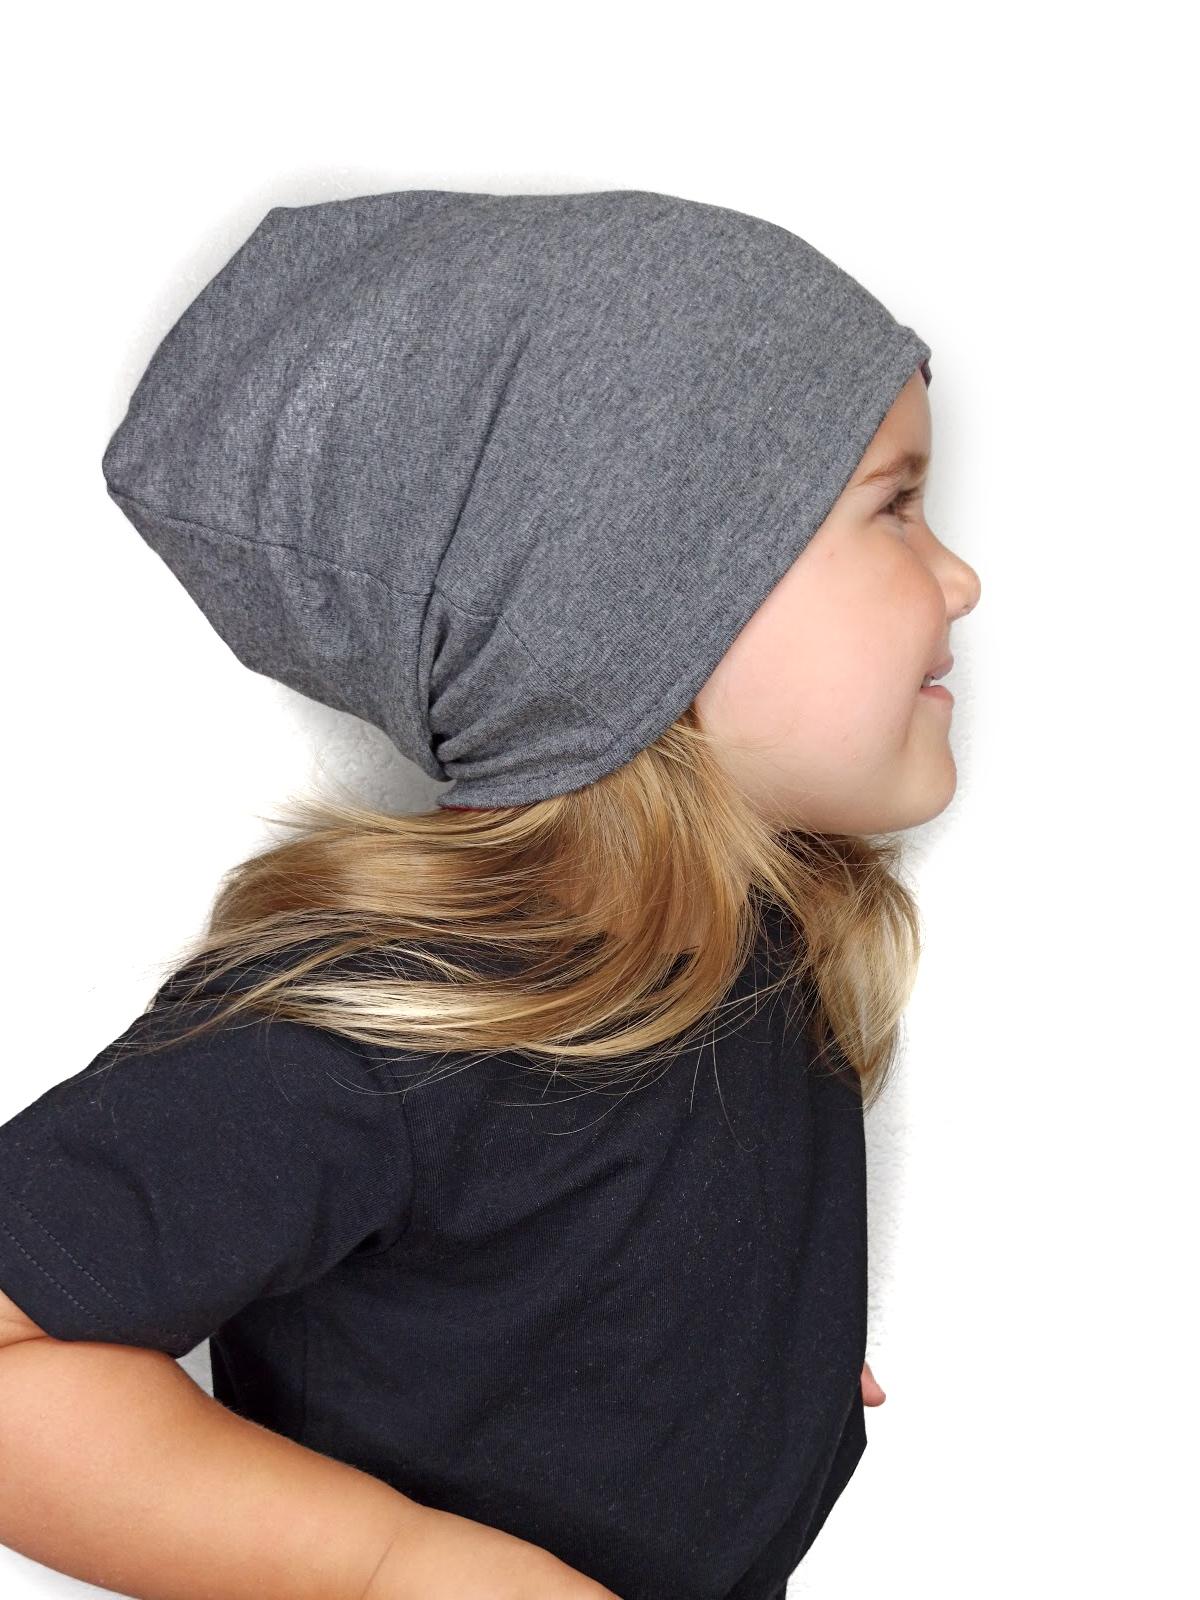 Dětská čepice bavlněná, oboustranná, tmavý+světlý šedý melír, m